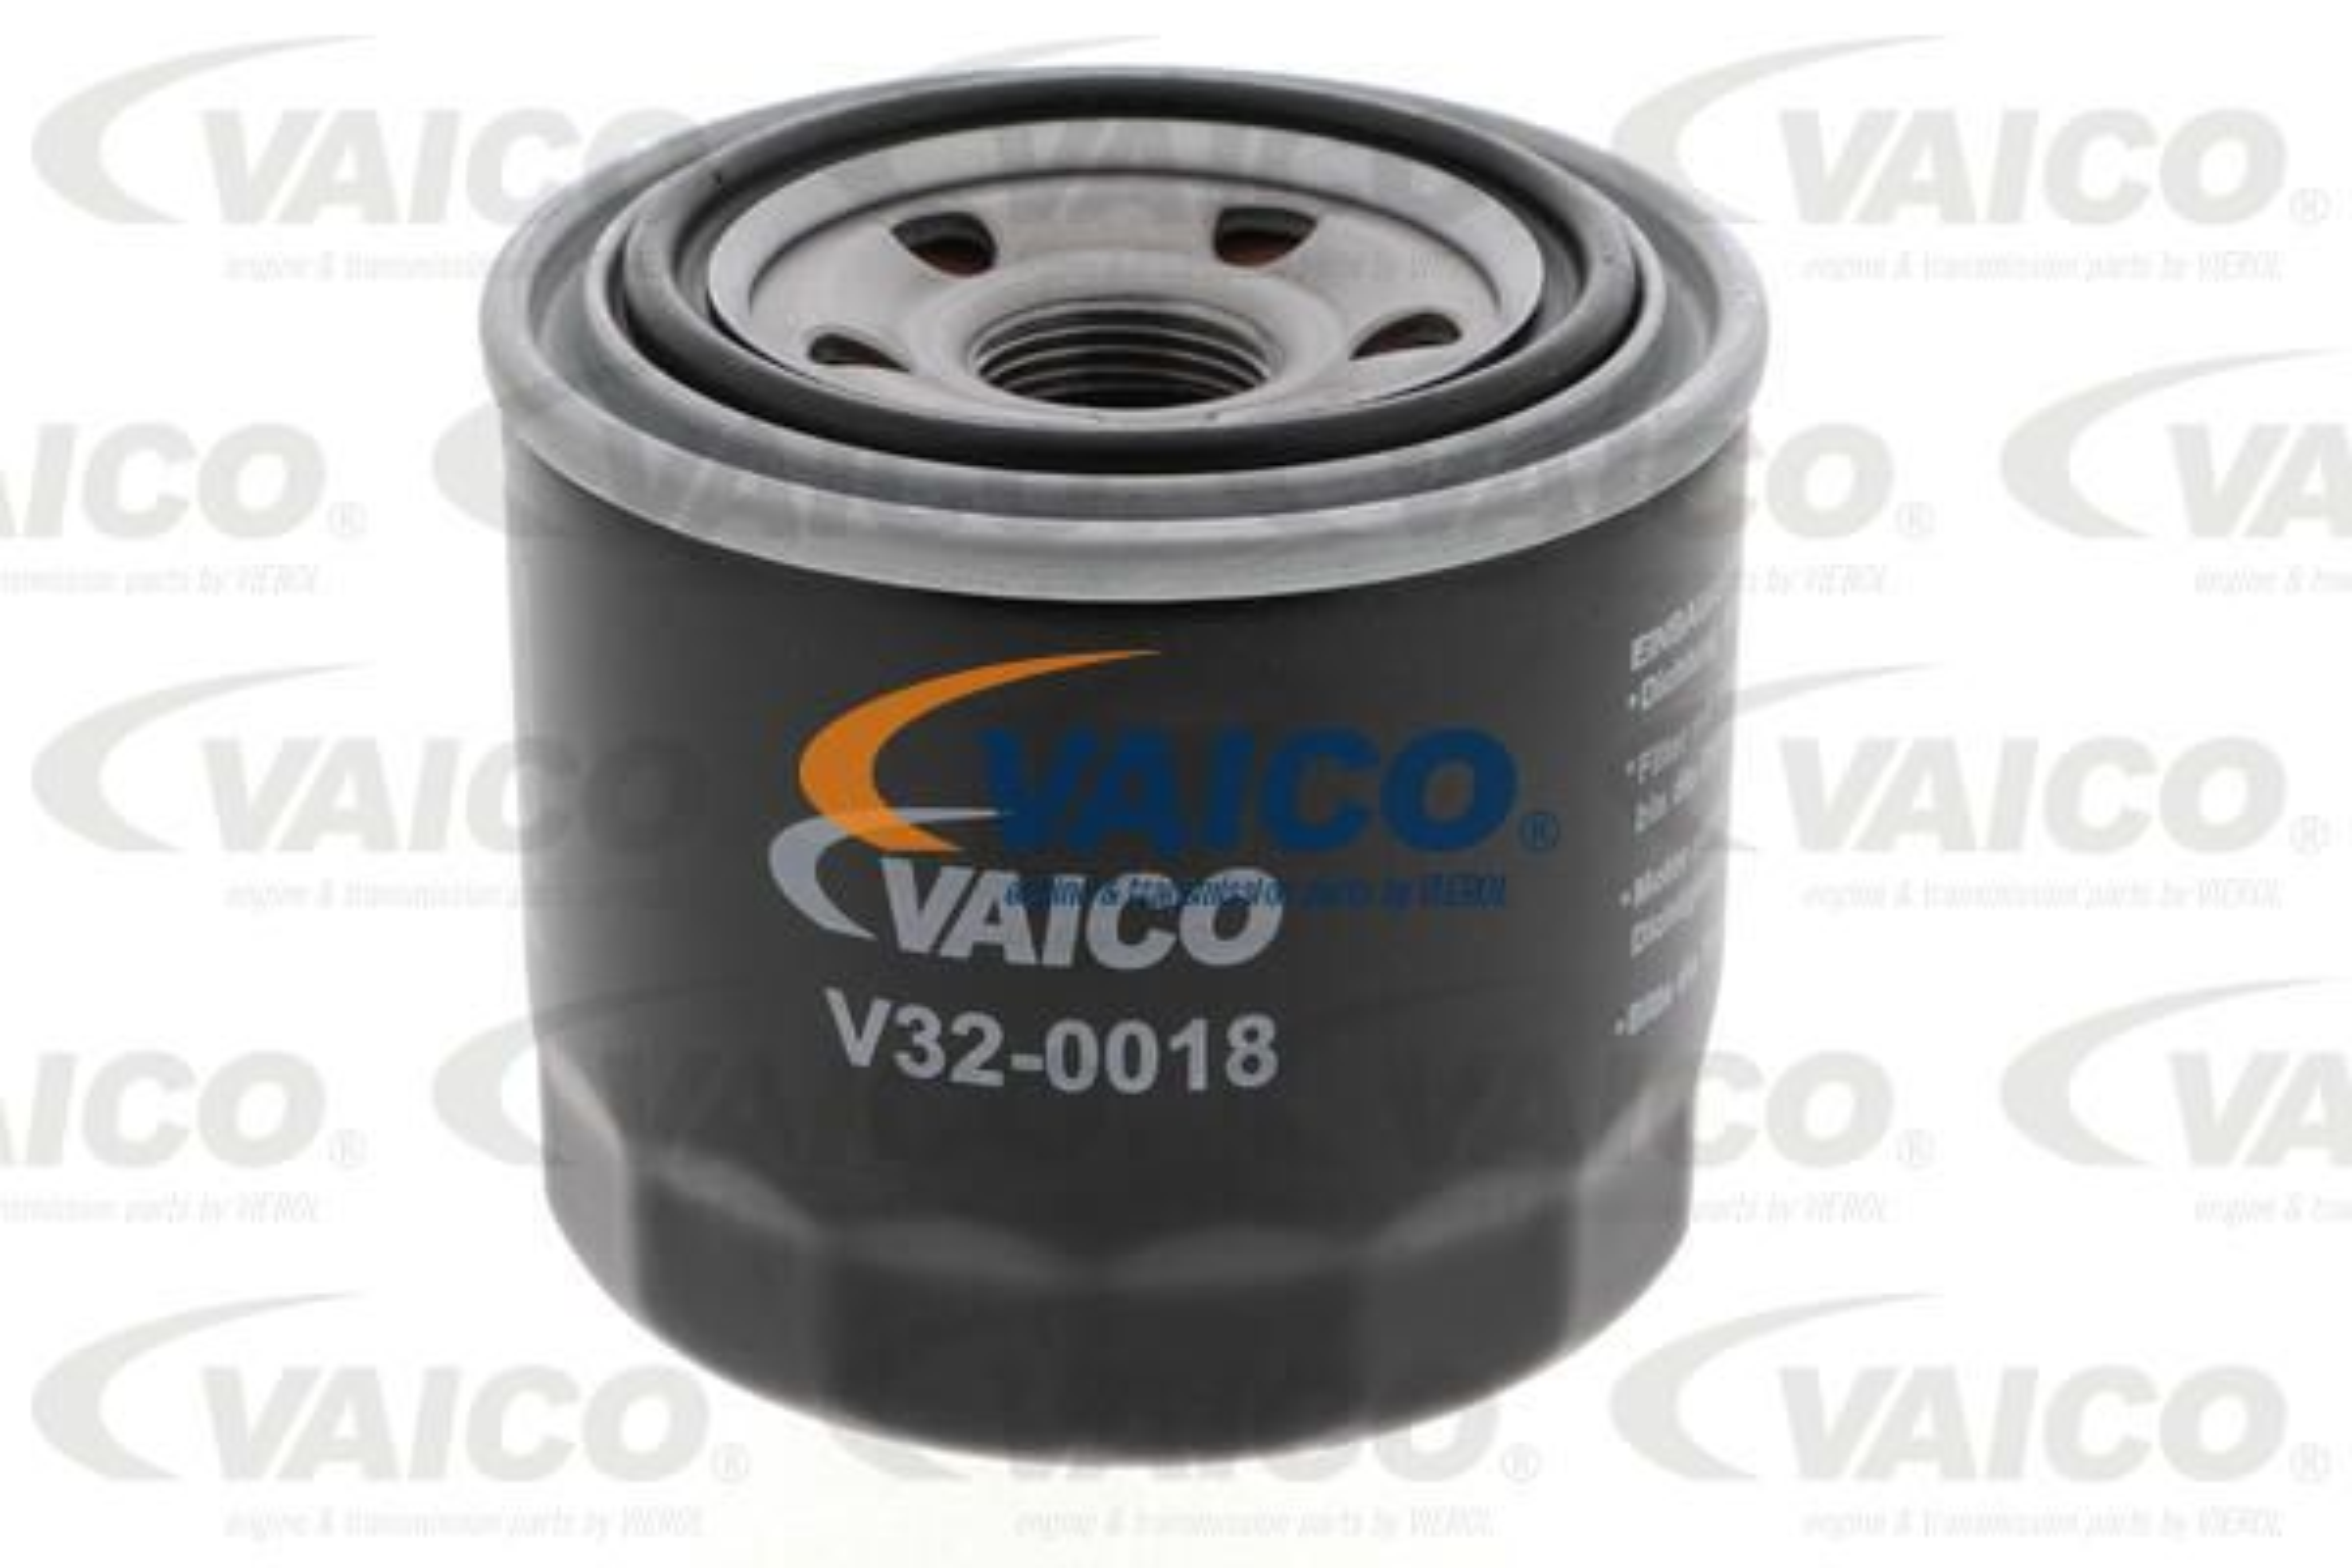 V32-0018 Ölfilter VAICO in Original Qualität